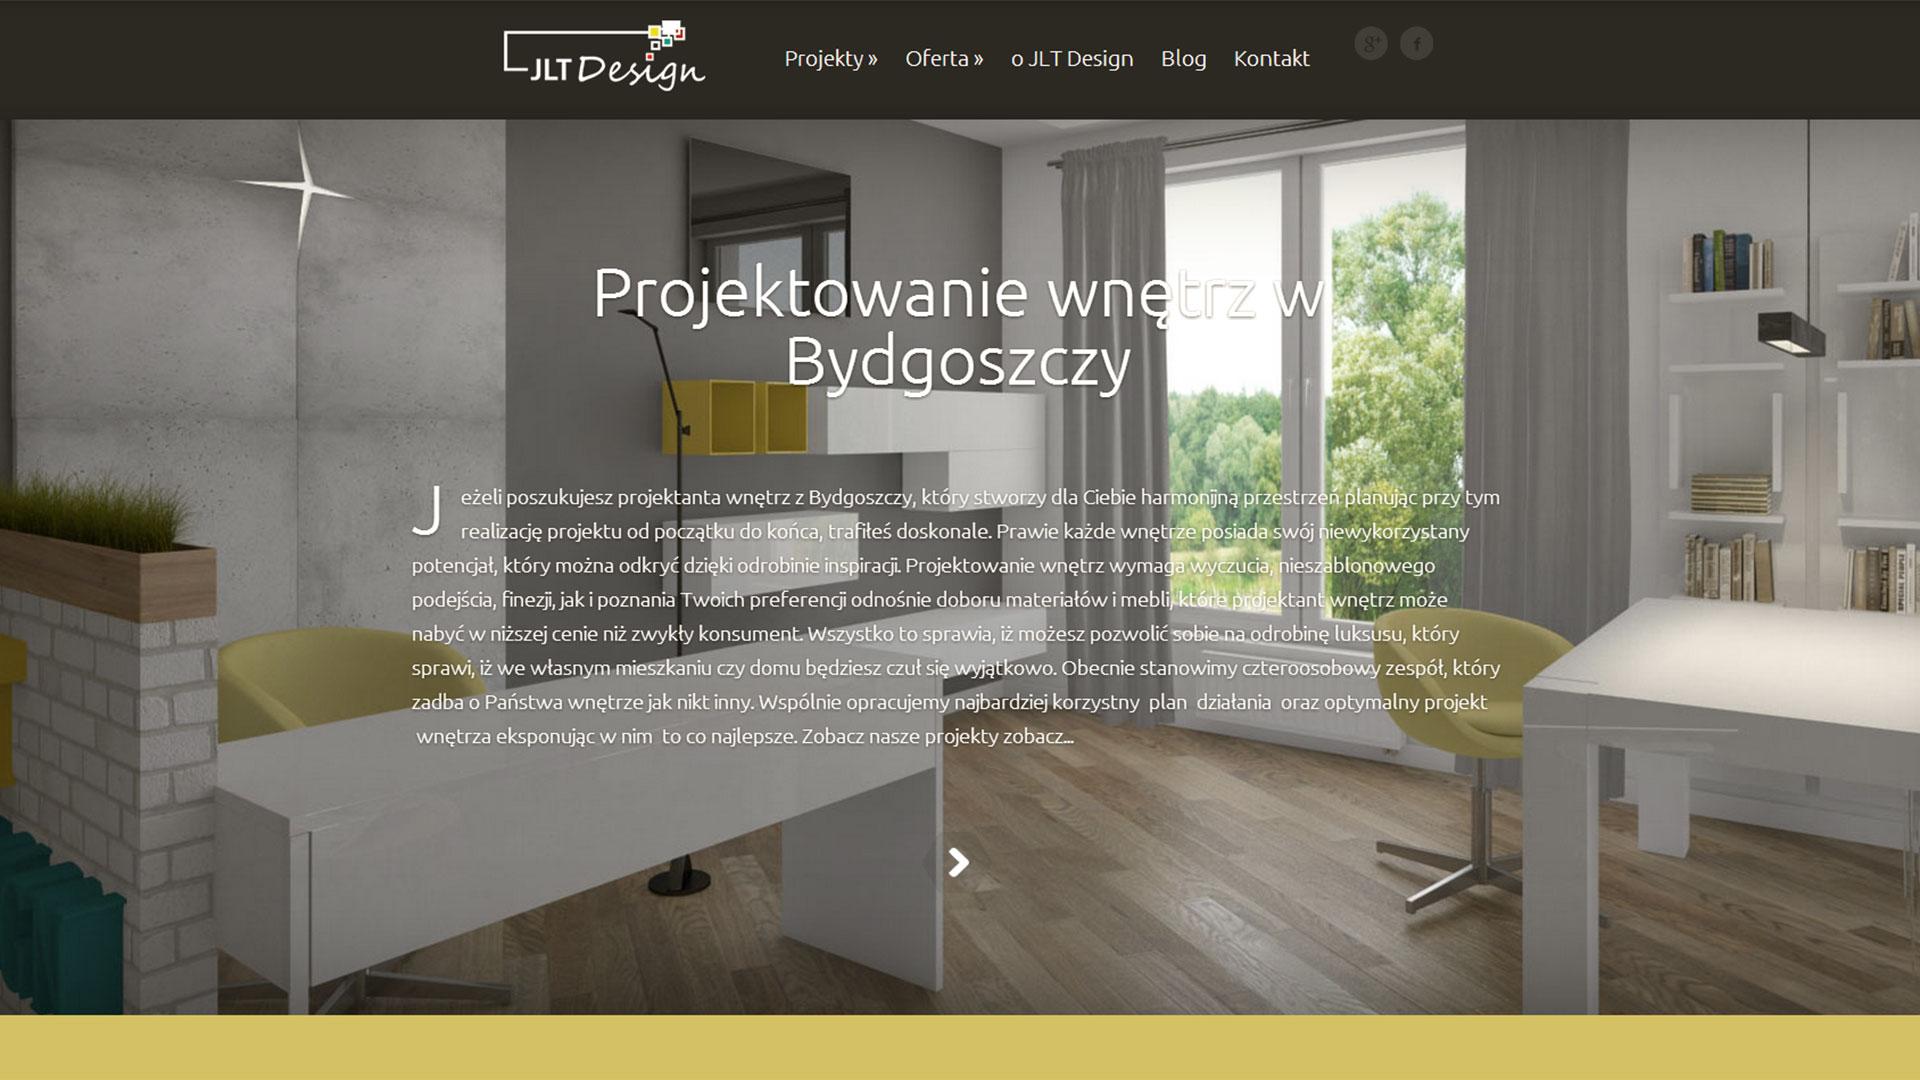 JLT Design - projektowanie i aranżacja wnętrz w Bydgoszczy